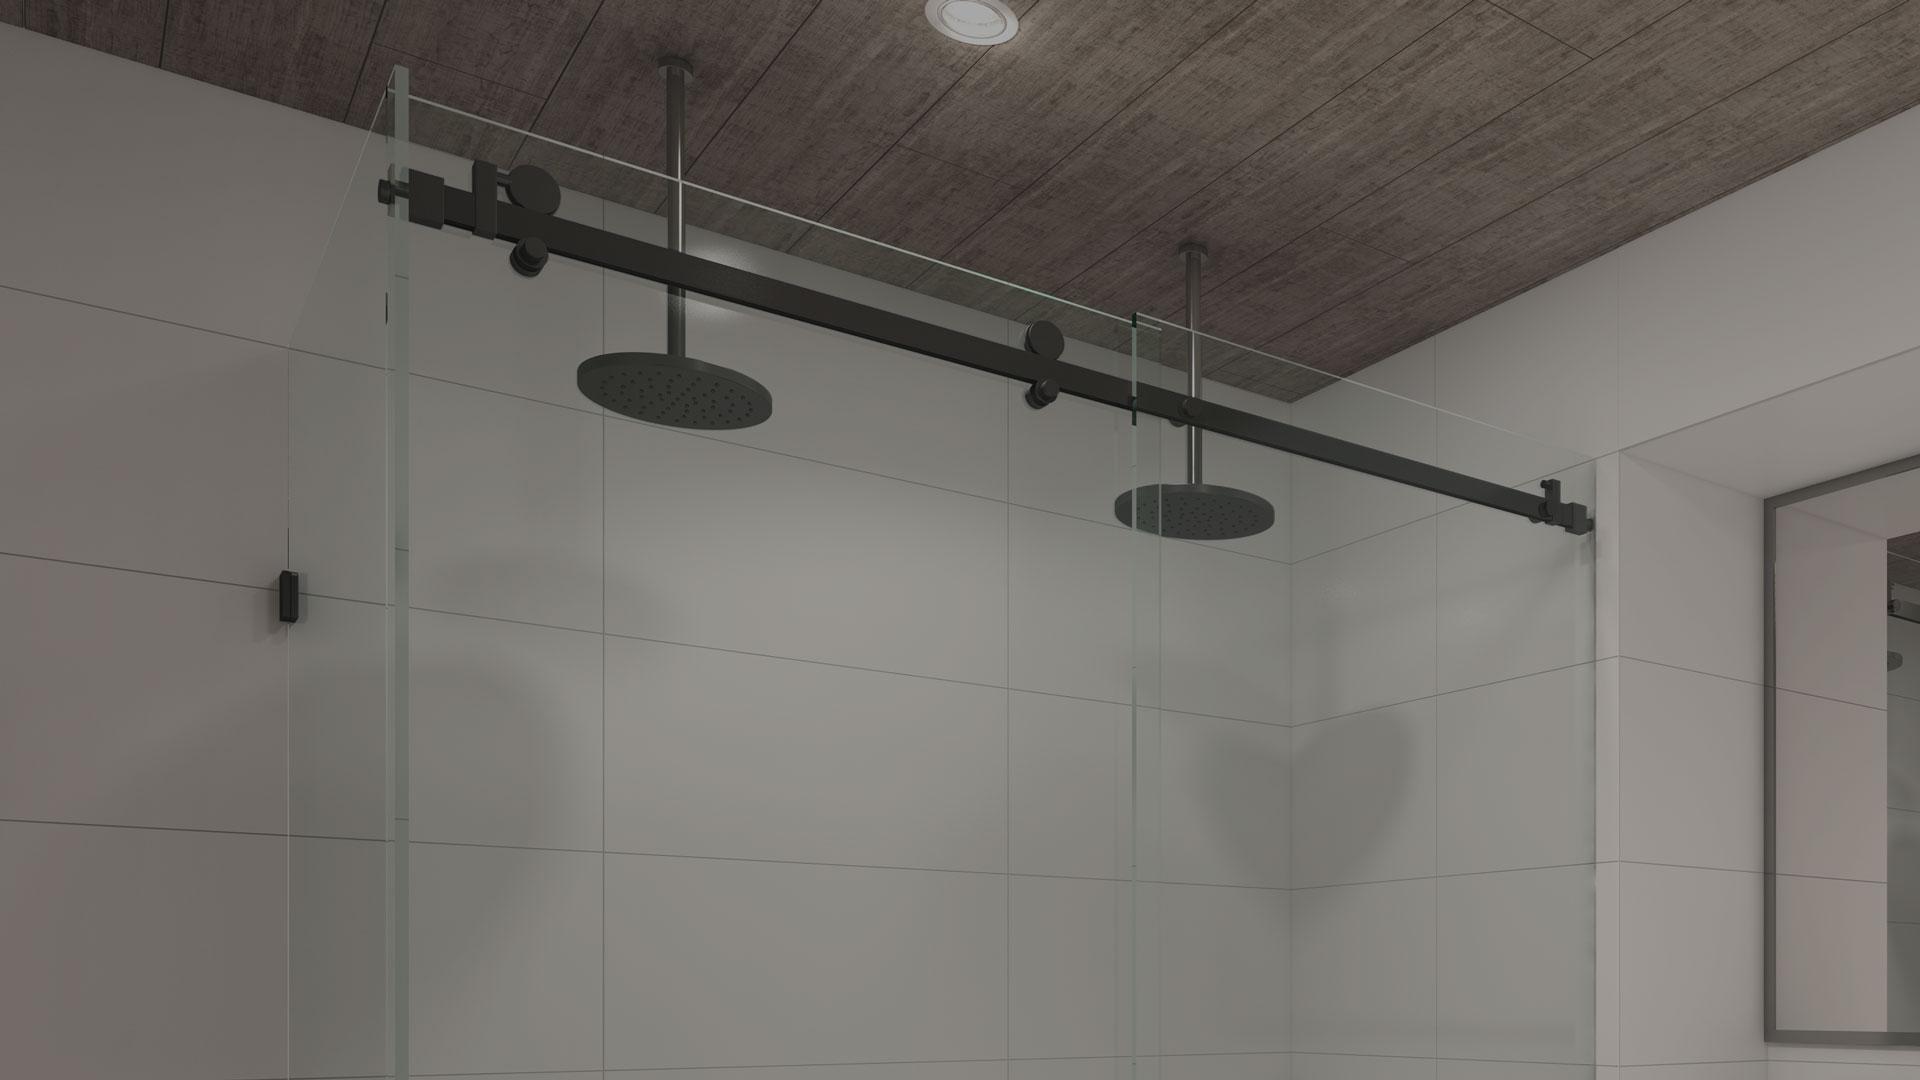 frameless sliding shower screen